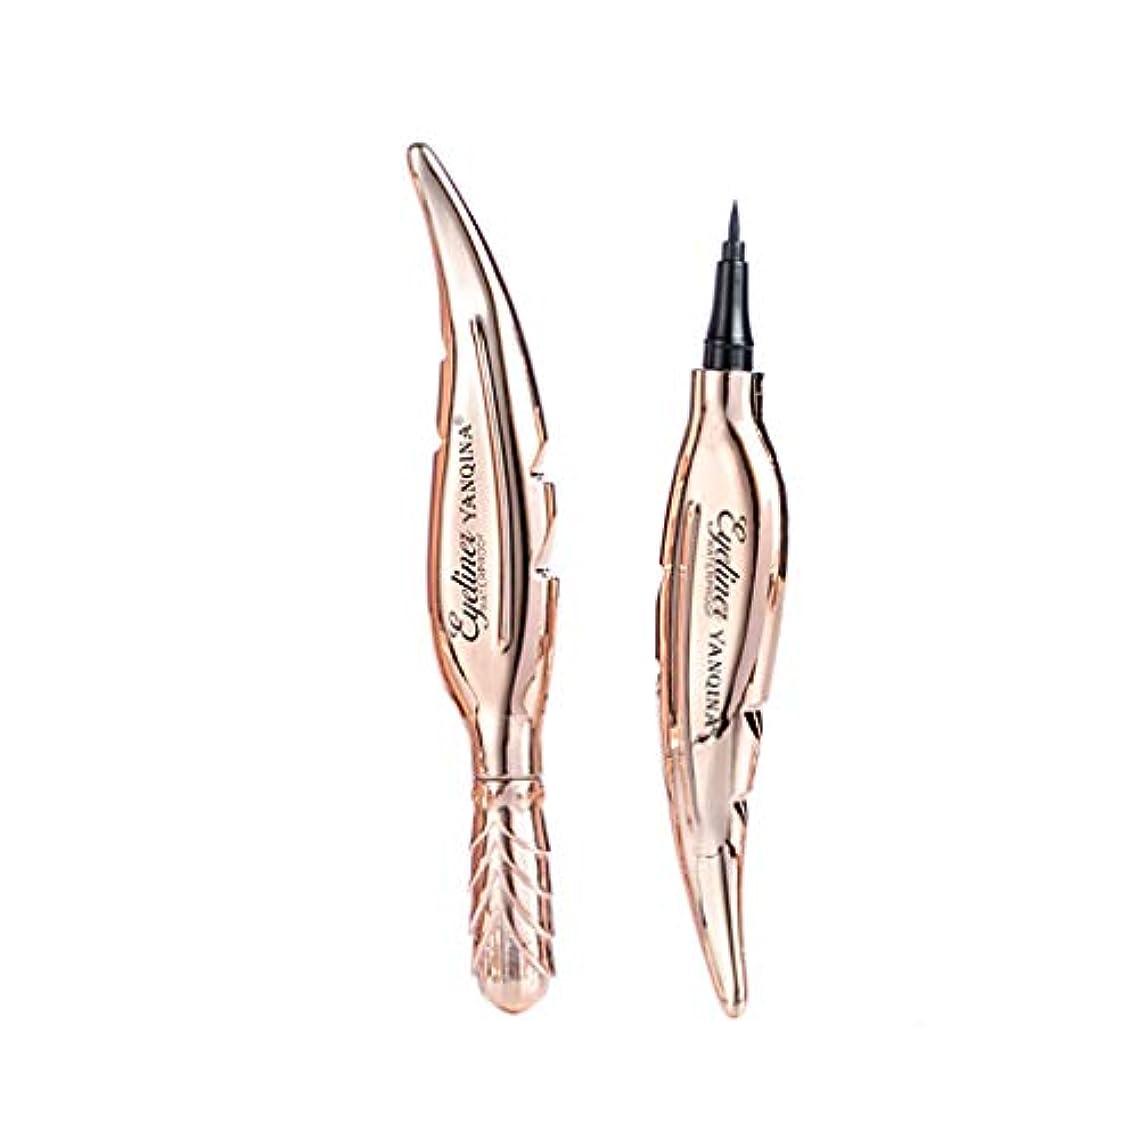 従来の聖なるアスリートYan Qinaの羽の形の涼しく黒いアイライナーのペンは染められない速い乾燥した防水